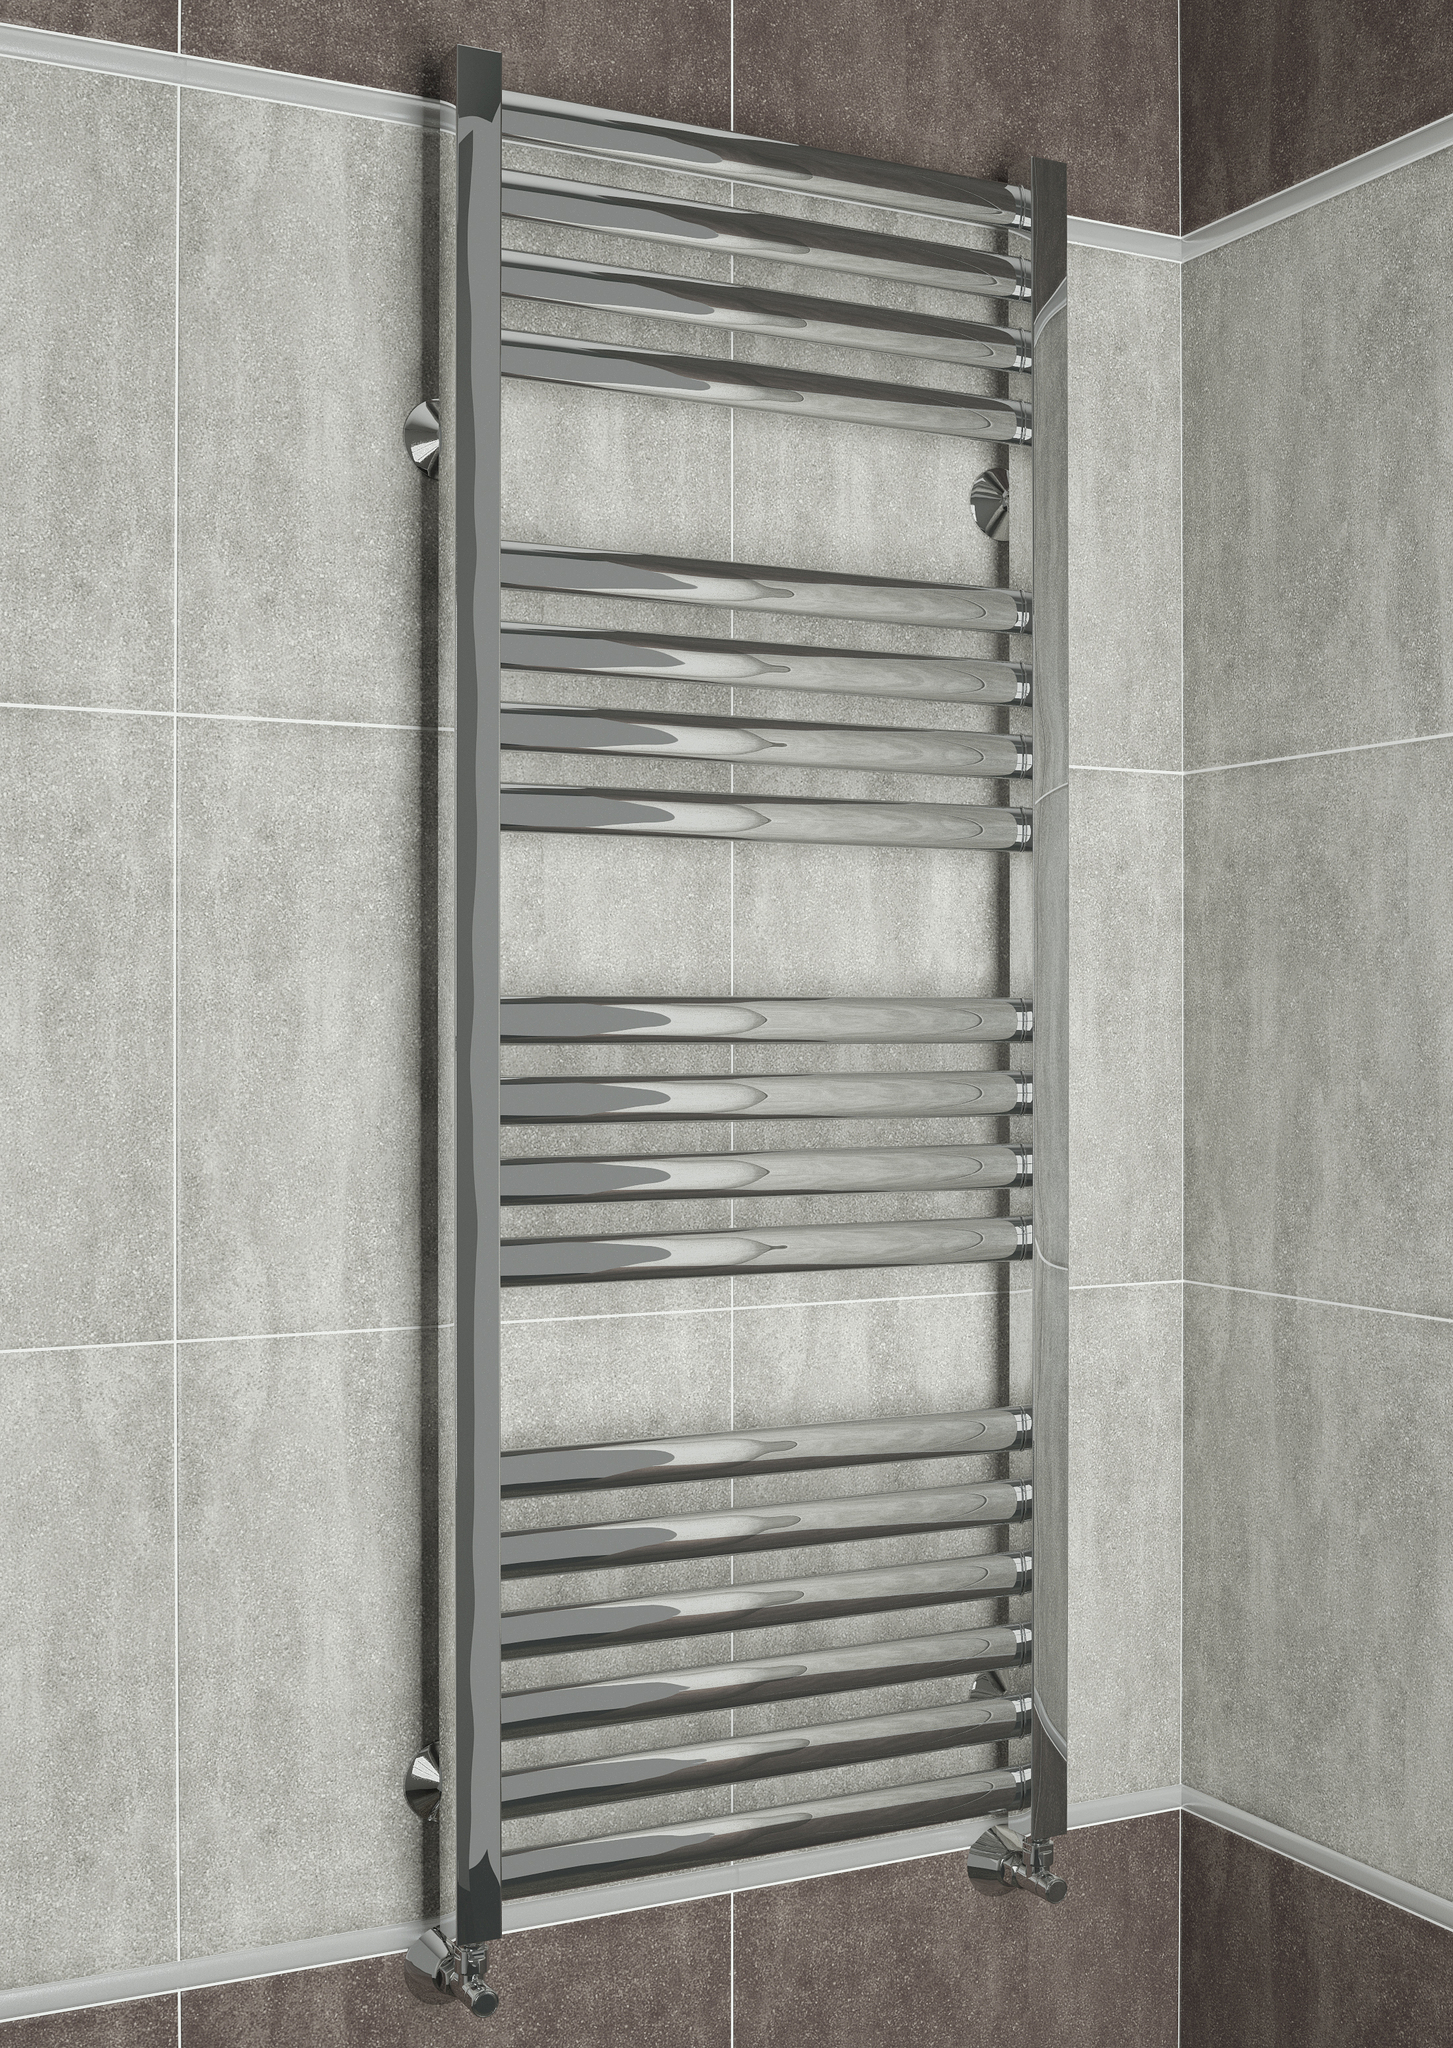 Greta  - водяной дизайн полотенцесушитель с квадратными вертикалями.